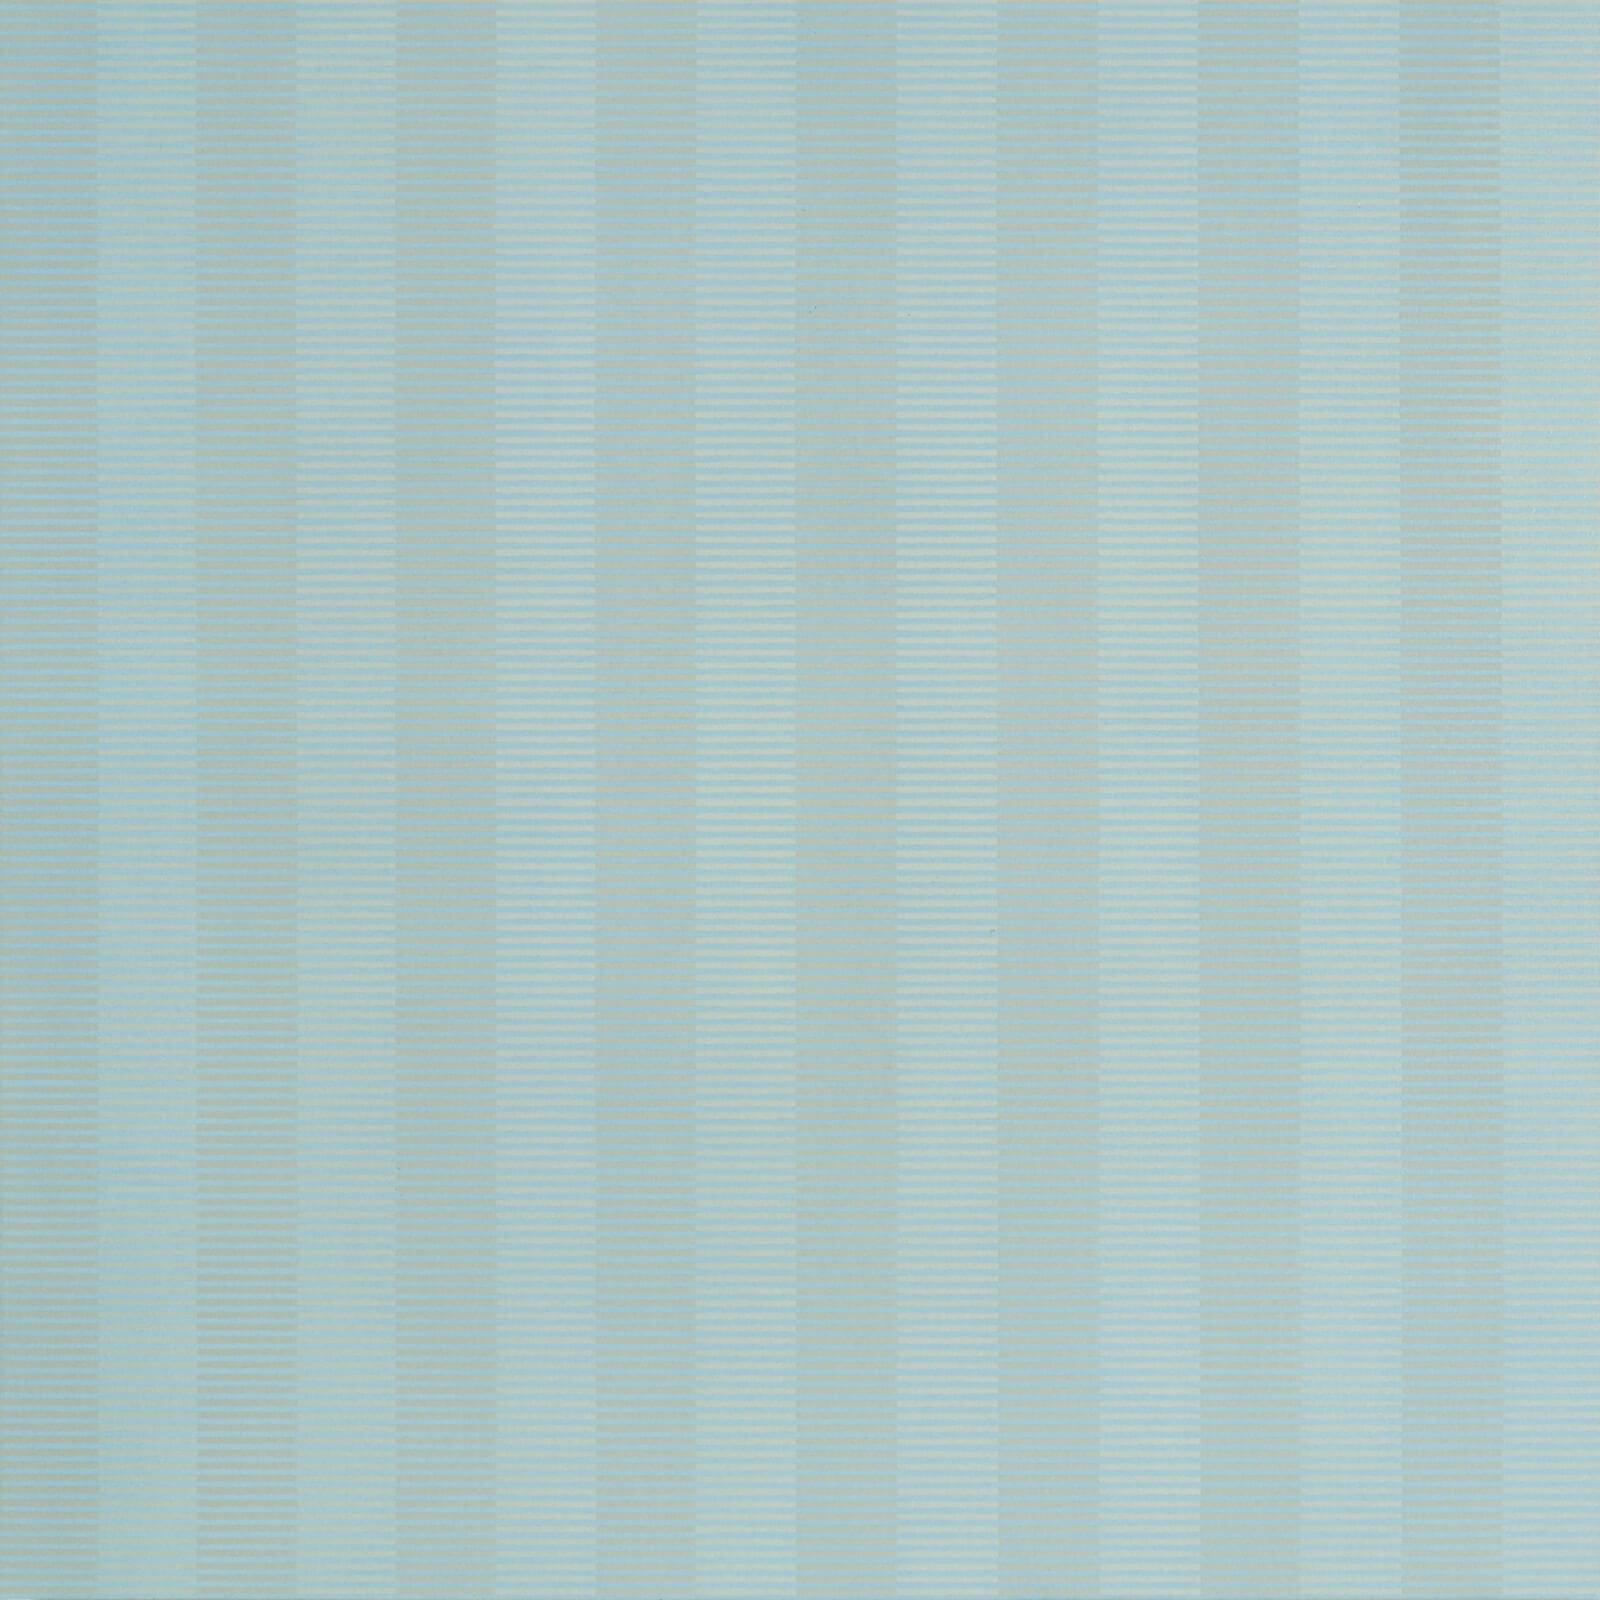 Balken 04 manganblau